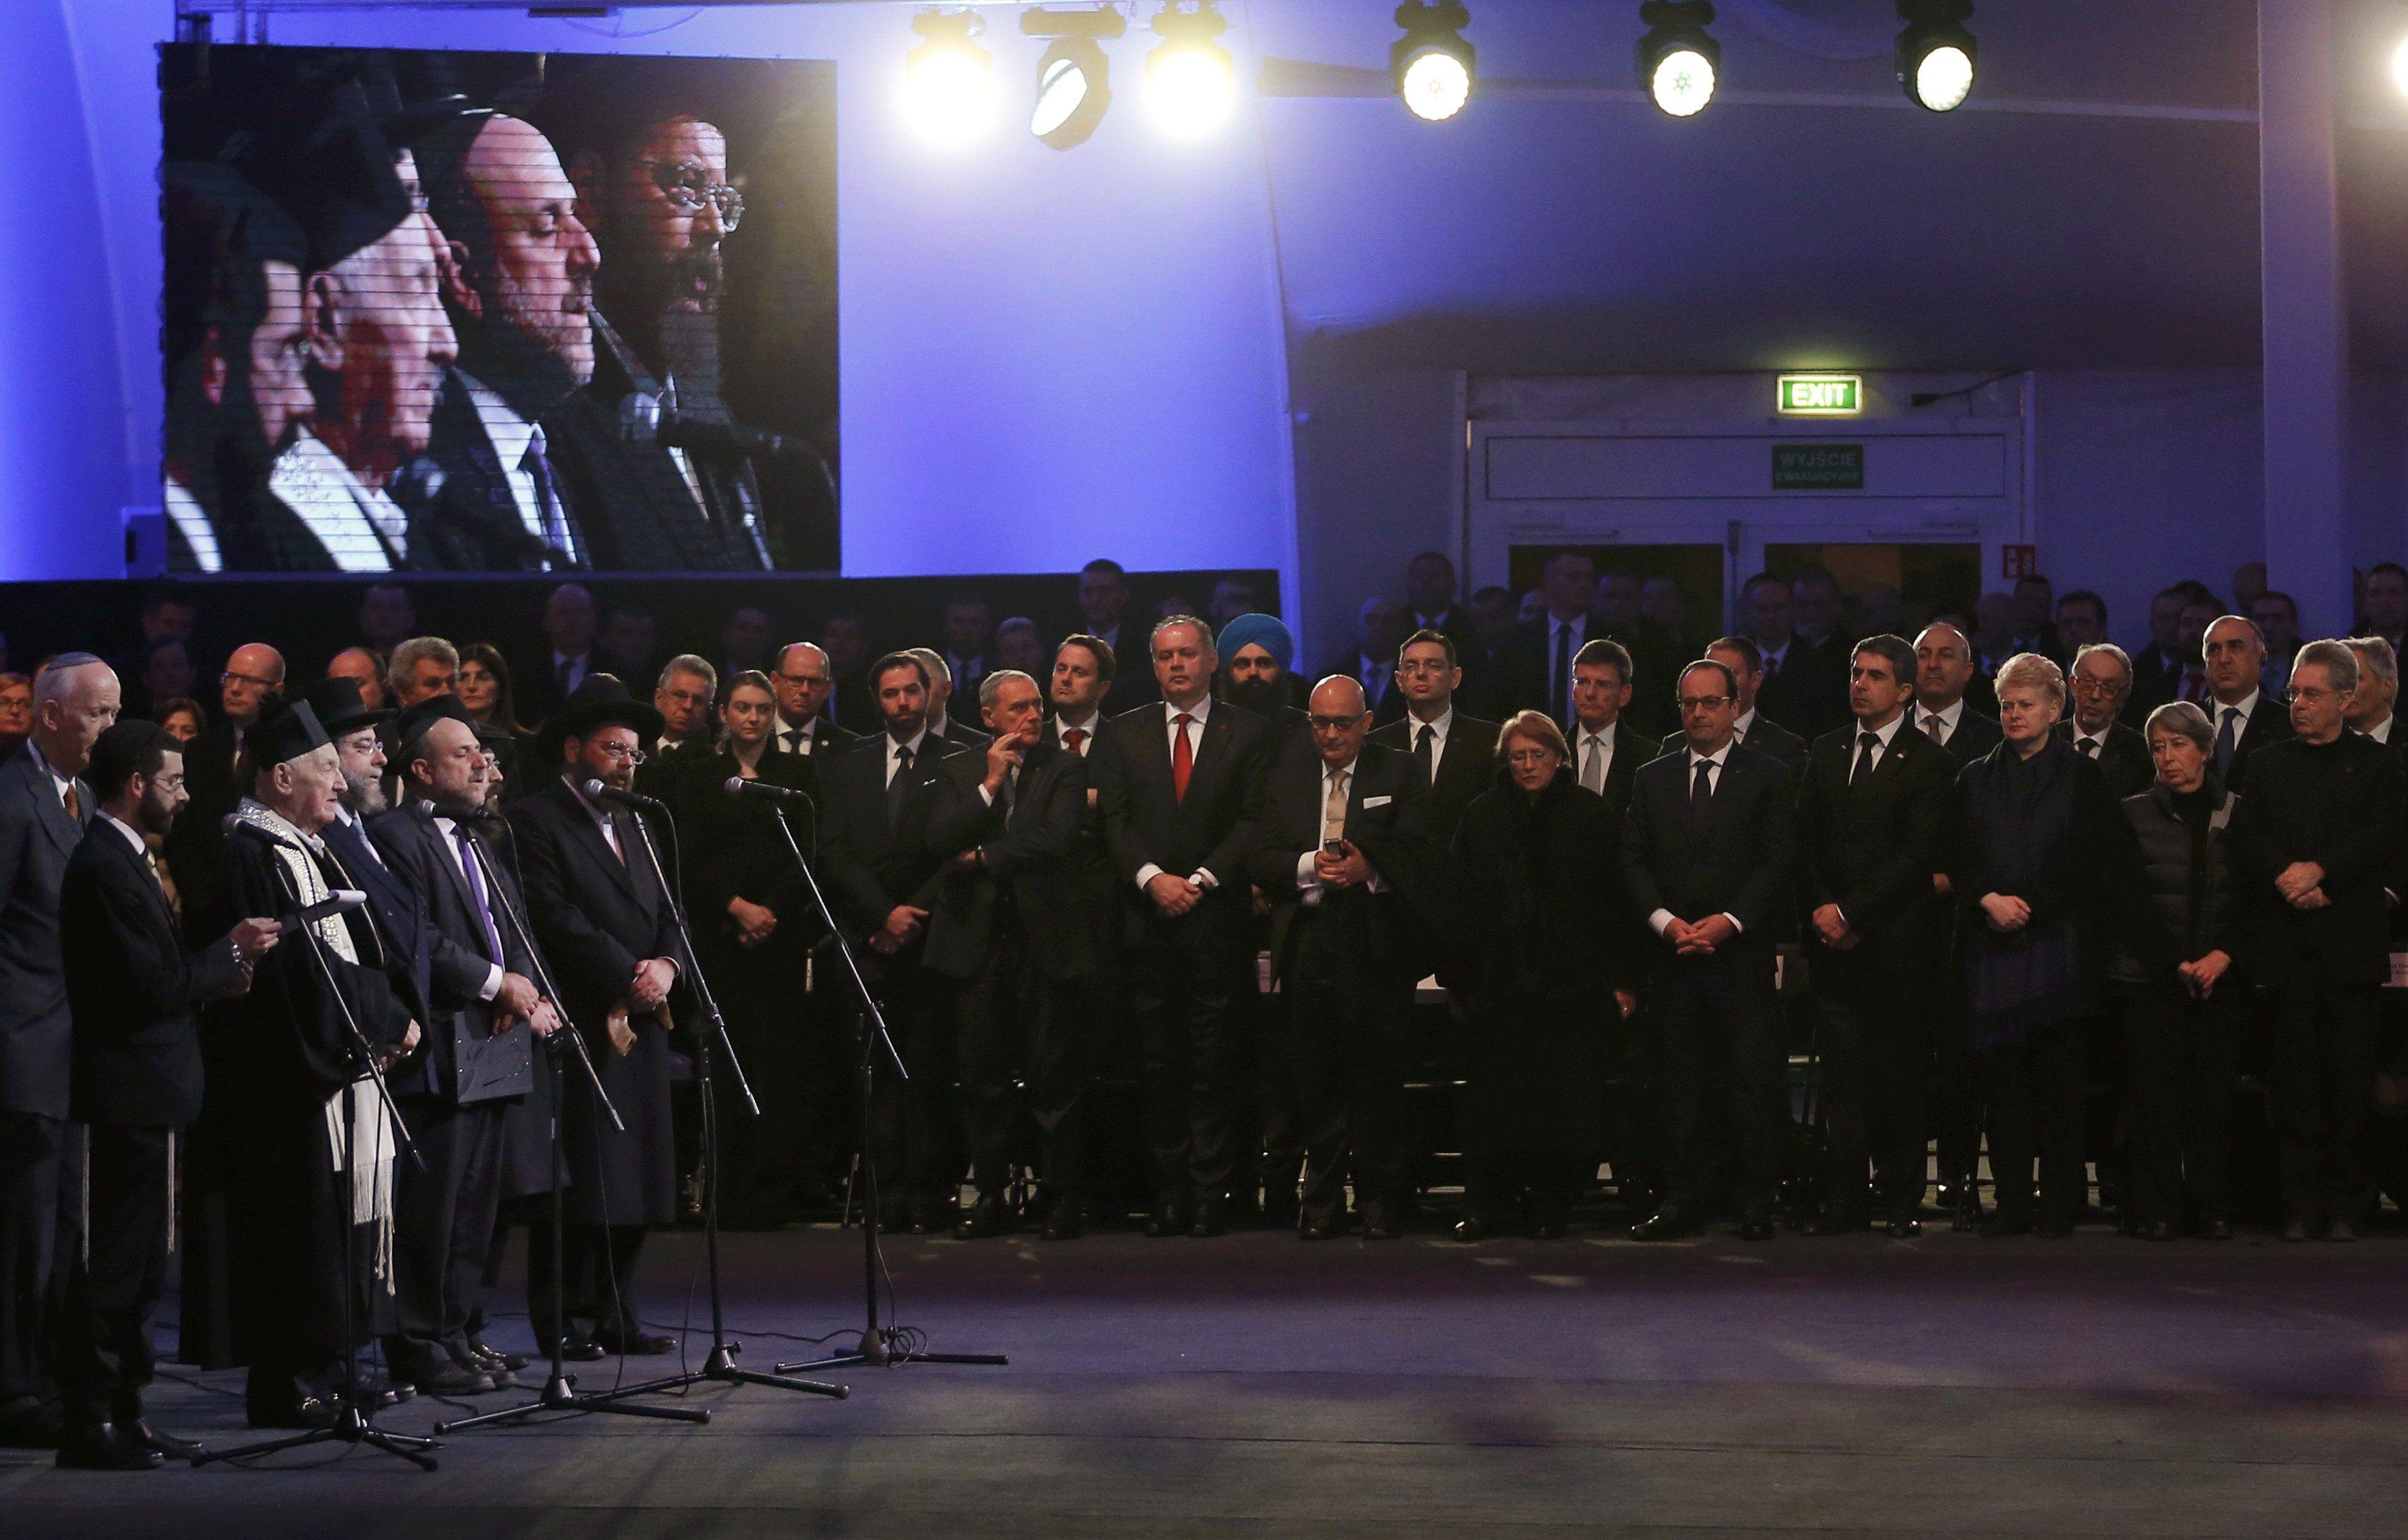 Порошенко поучаствовал в мероприятиях к годовщине освобождения Освенцима: опубликованы фото, видео